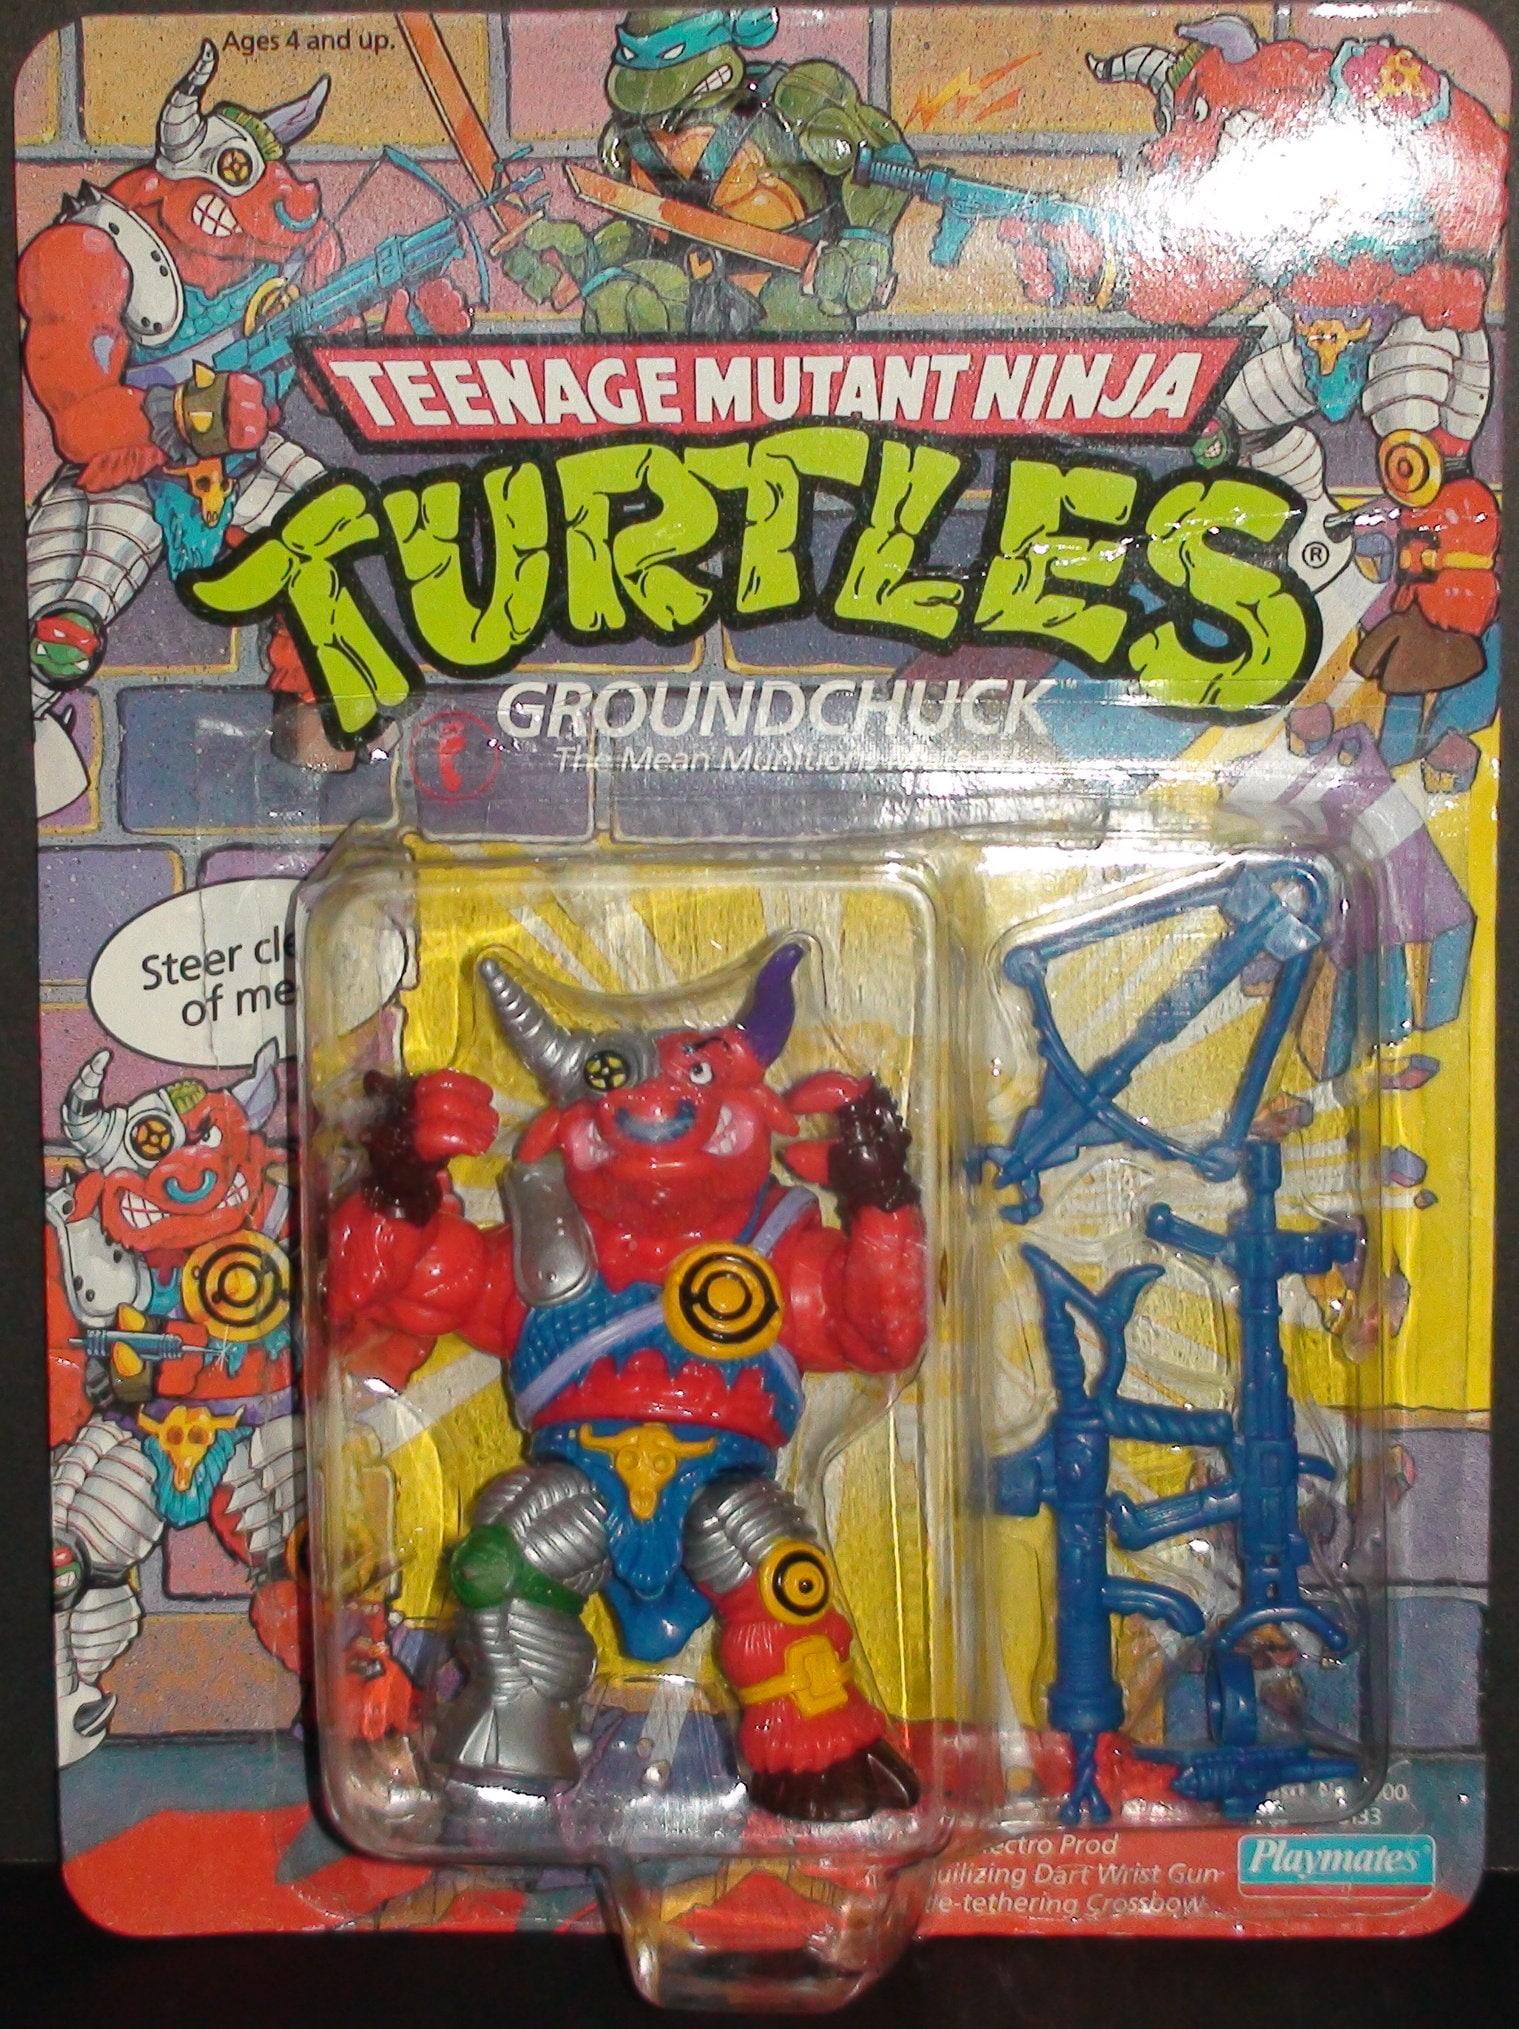 1991 Groundchuck Teenage Mutant Ninja Turtles Action Figure New